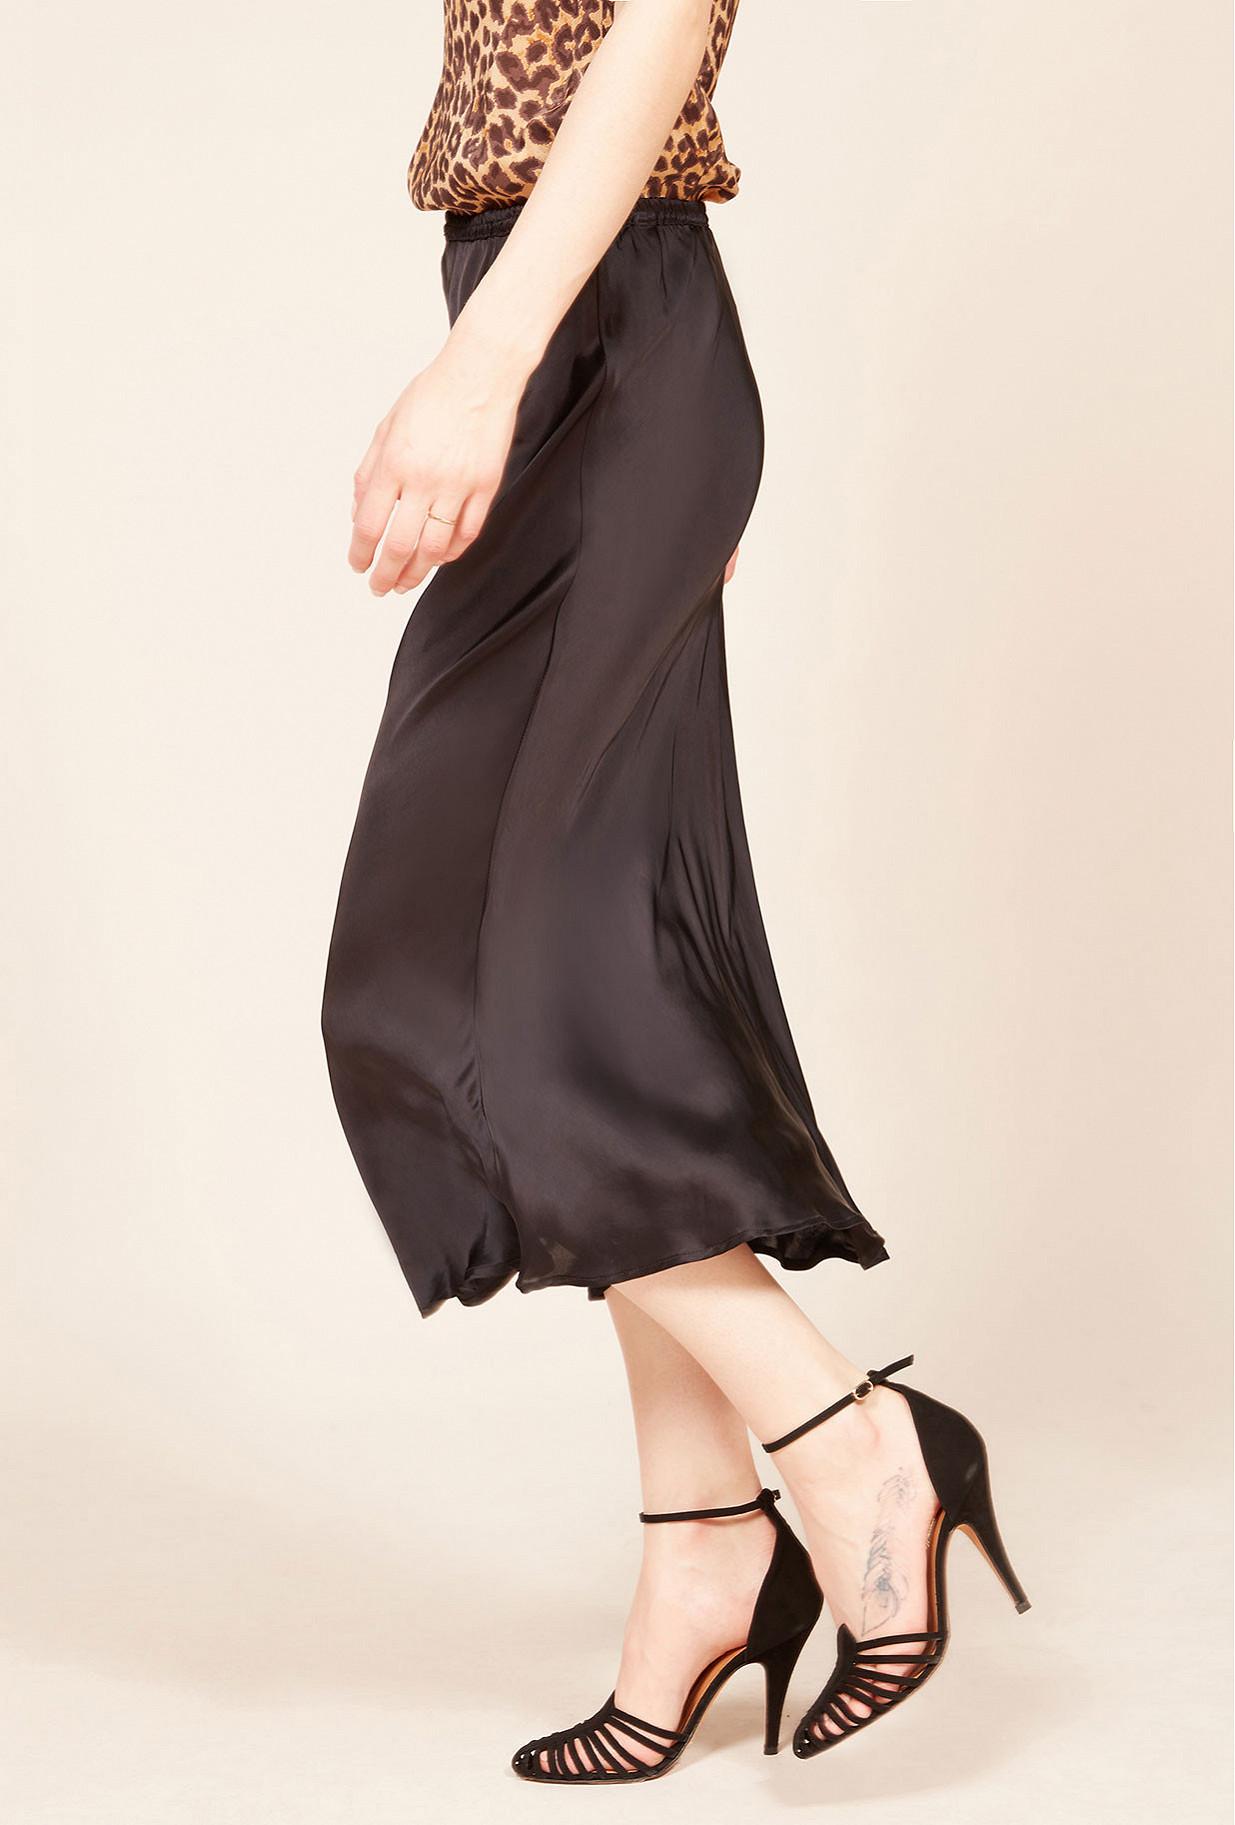 Jupe Noir  Lima mes demoiselles paris vêtement femme paris